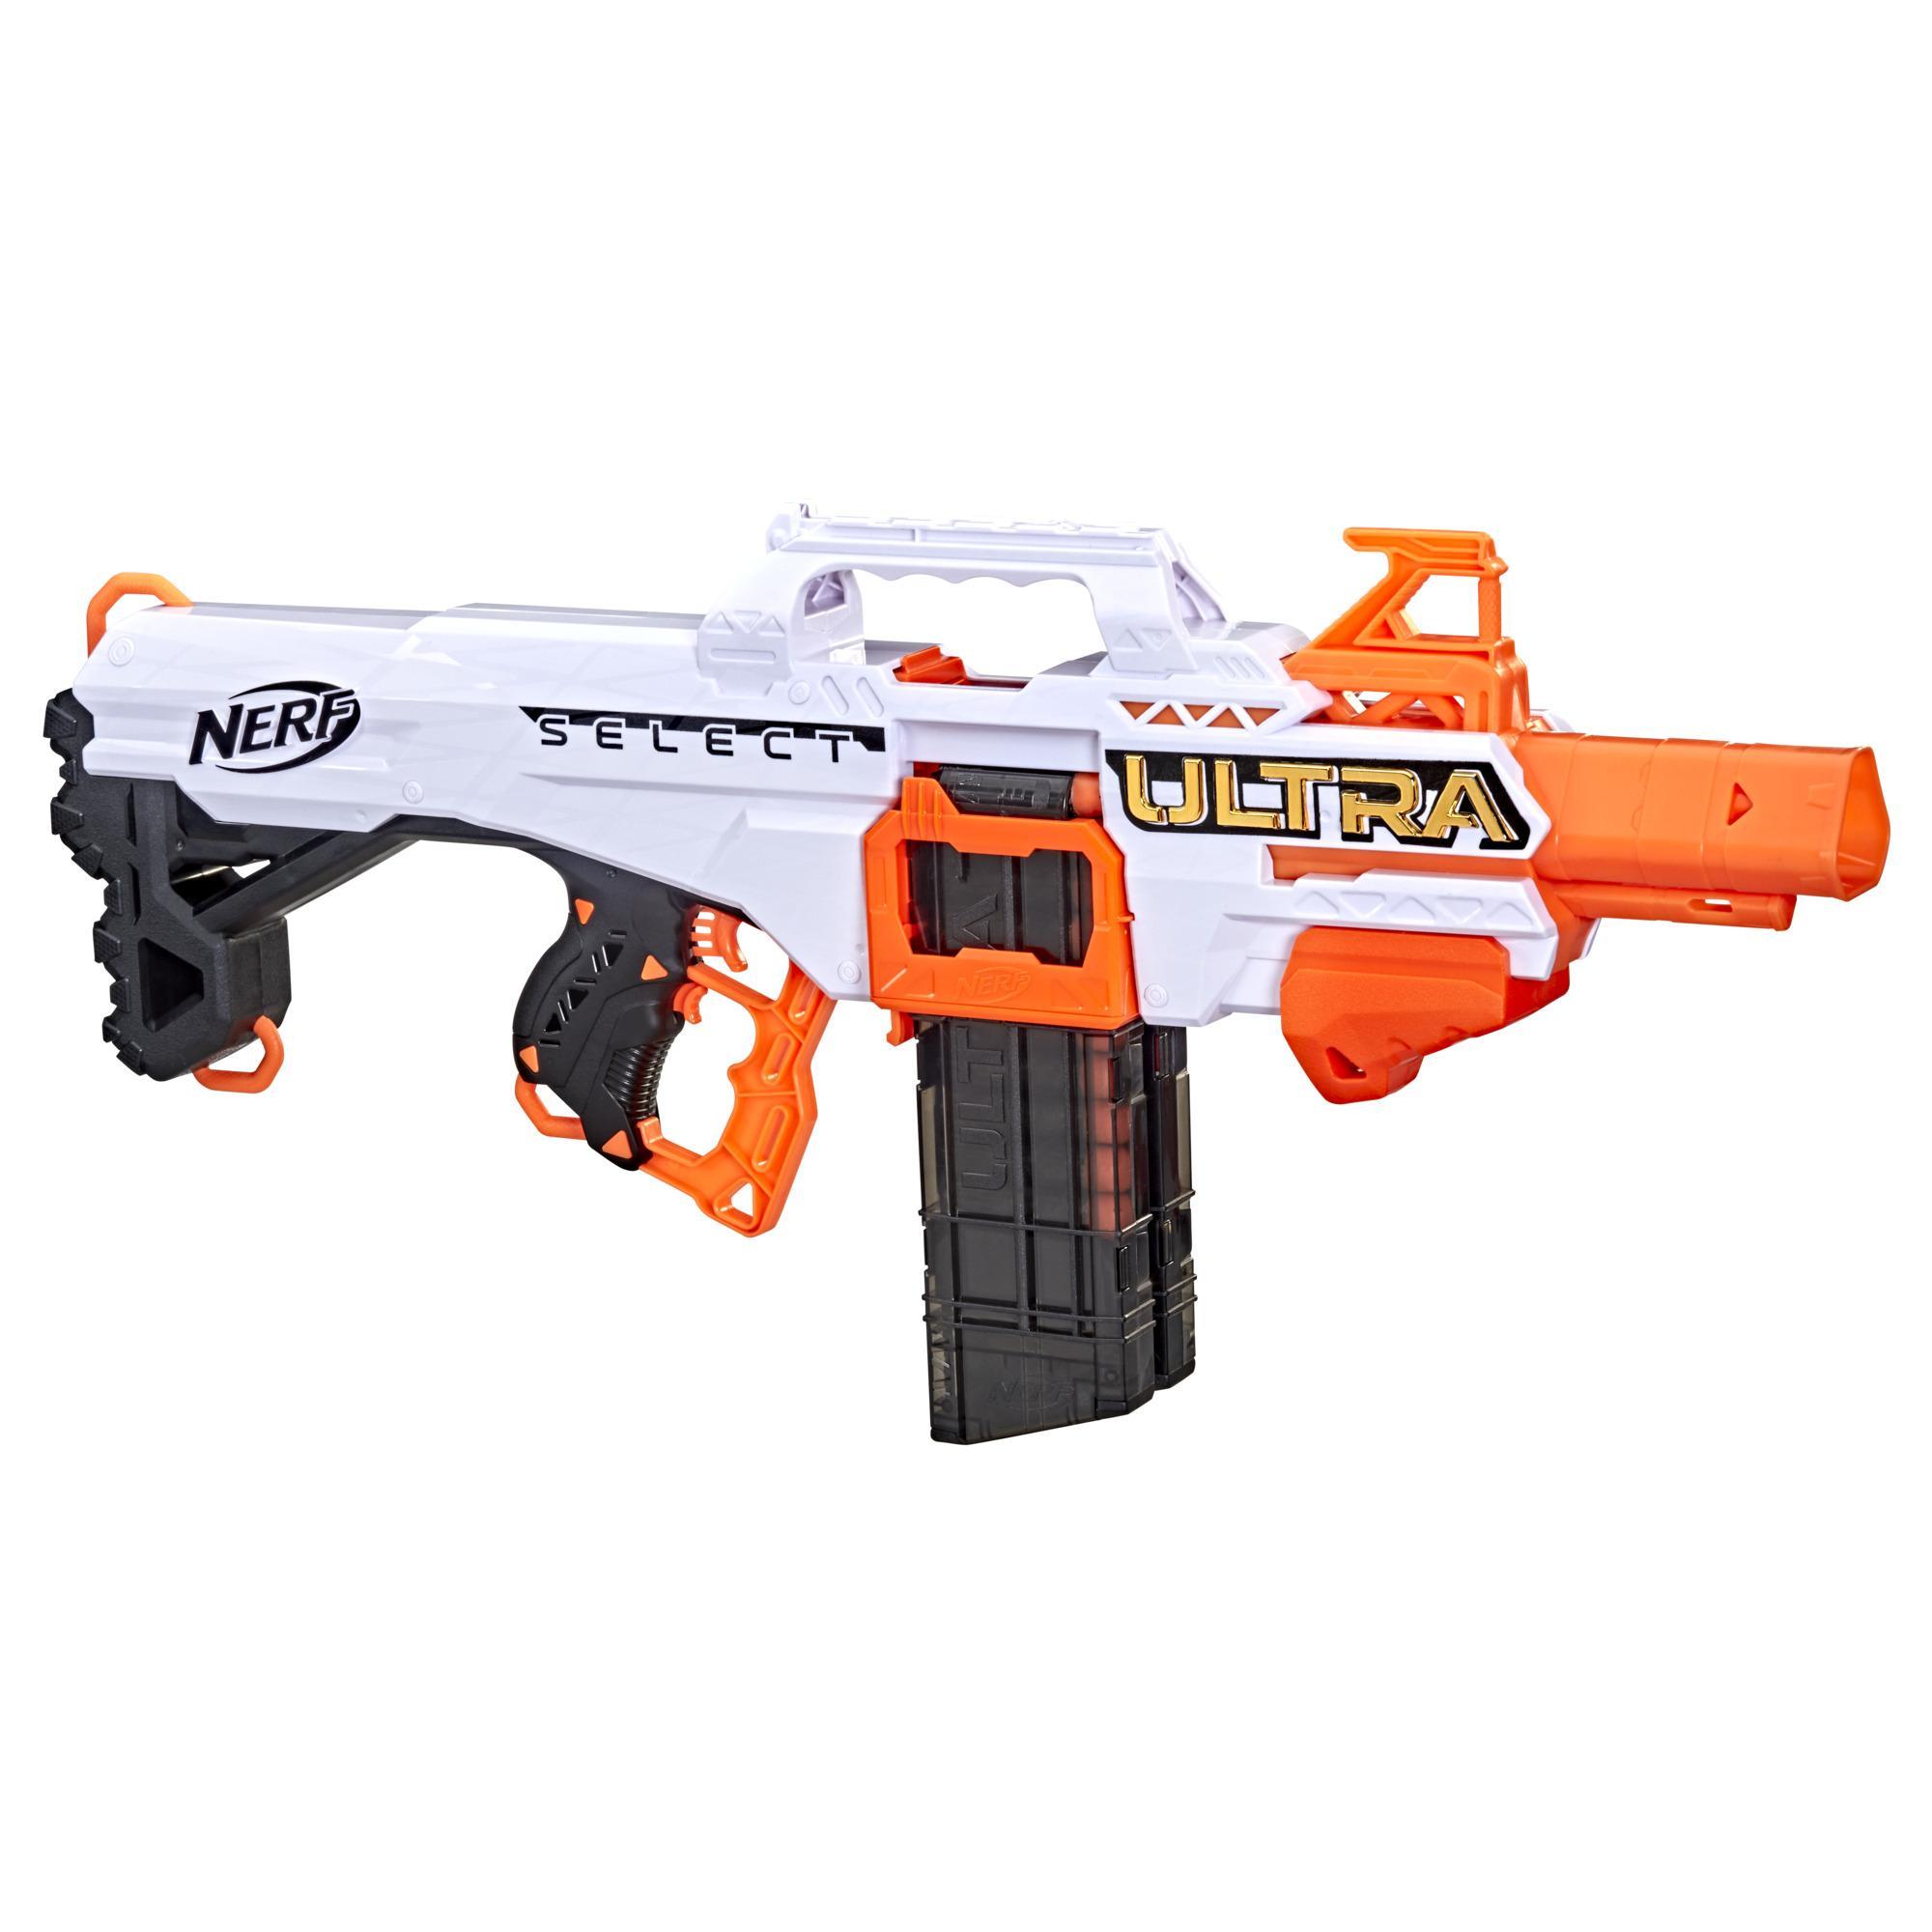 Blaster motorisé Nerf Ultra Select, tire de 2 façons, inclut chargeurs et fléchettes, fléchettes Nerf Ultra seulement